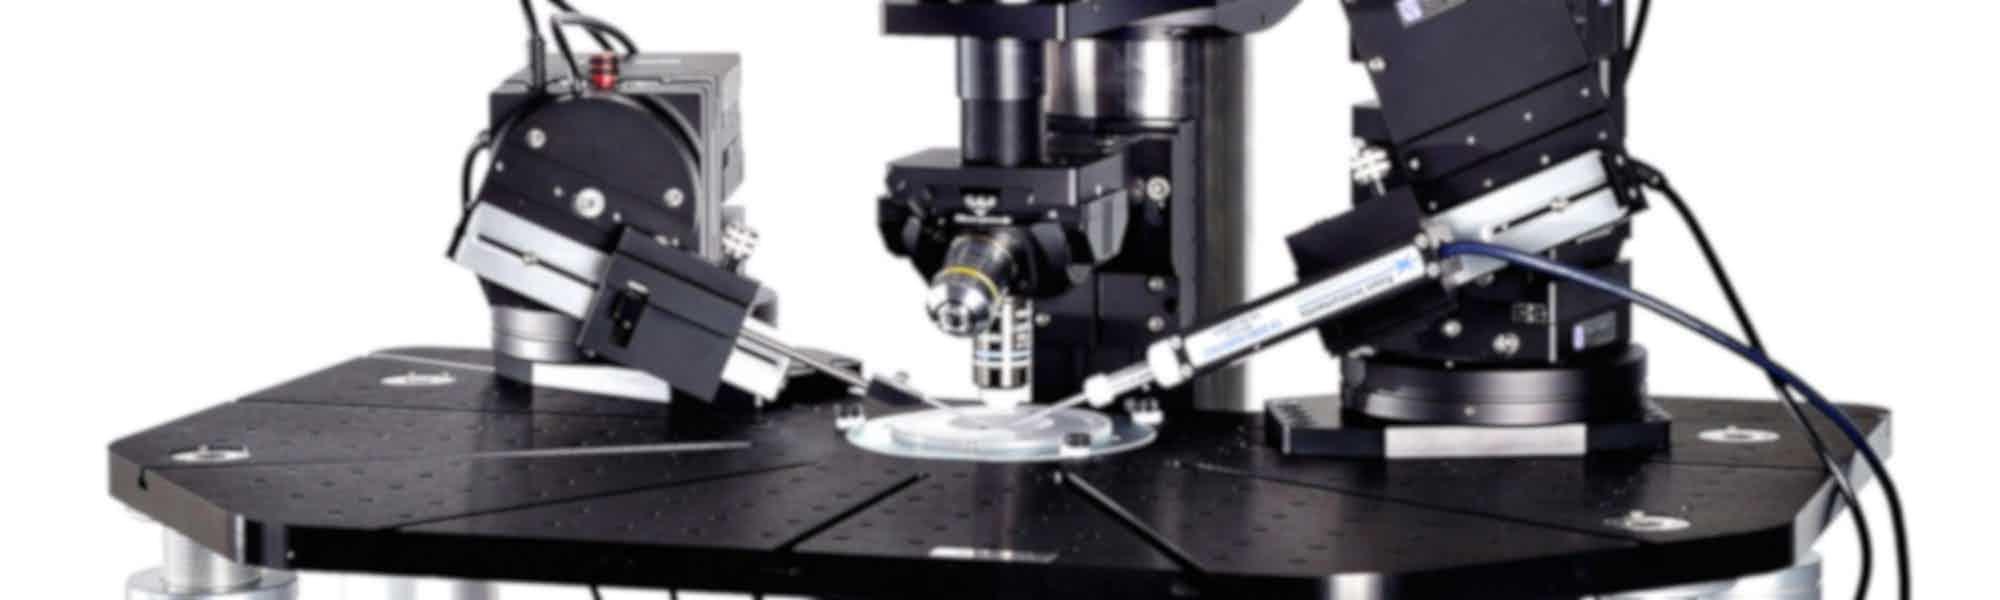 Scientifica SliceScope Pro 2000